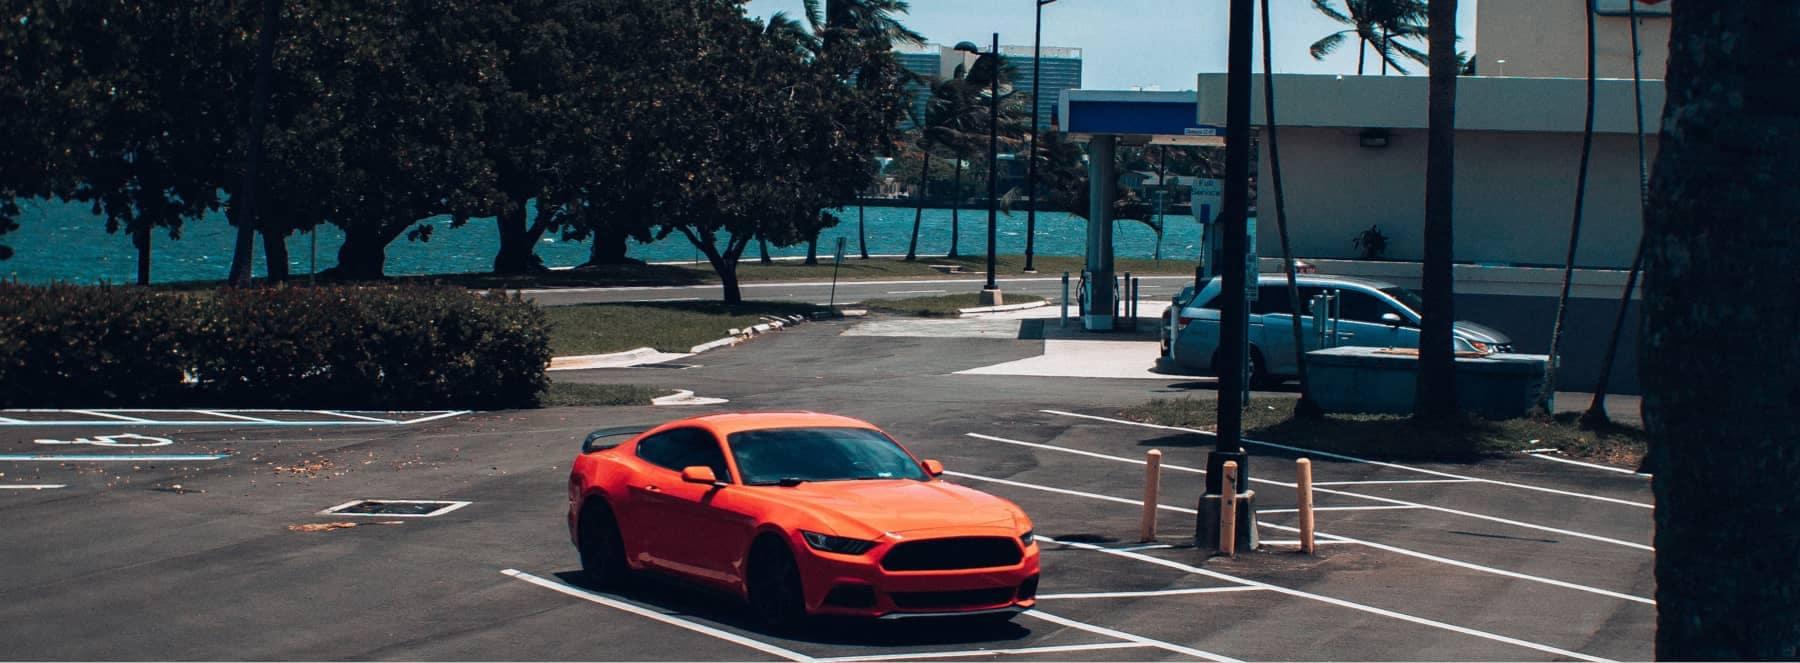 Orange Mustang in parking lot